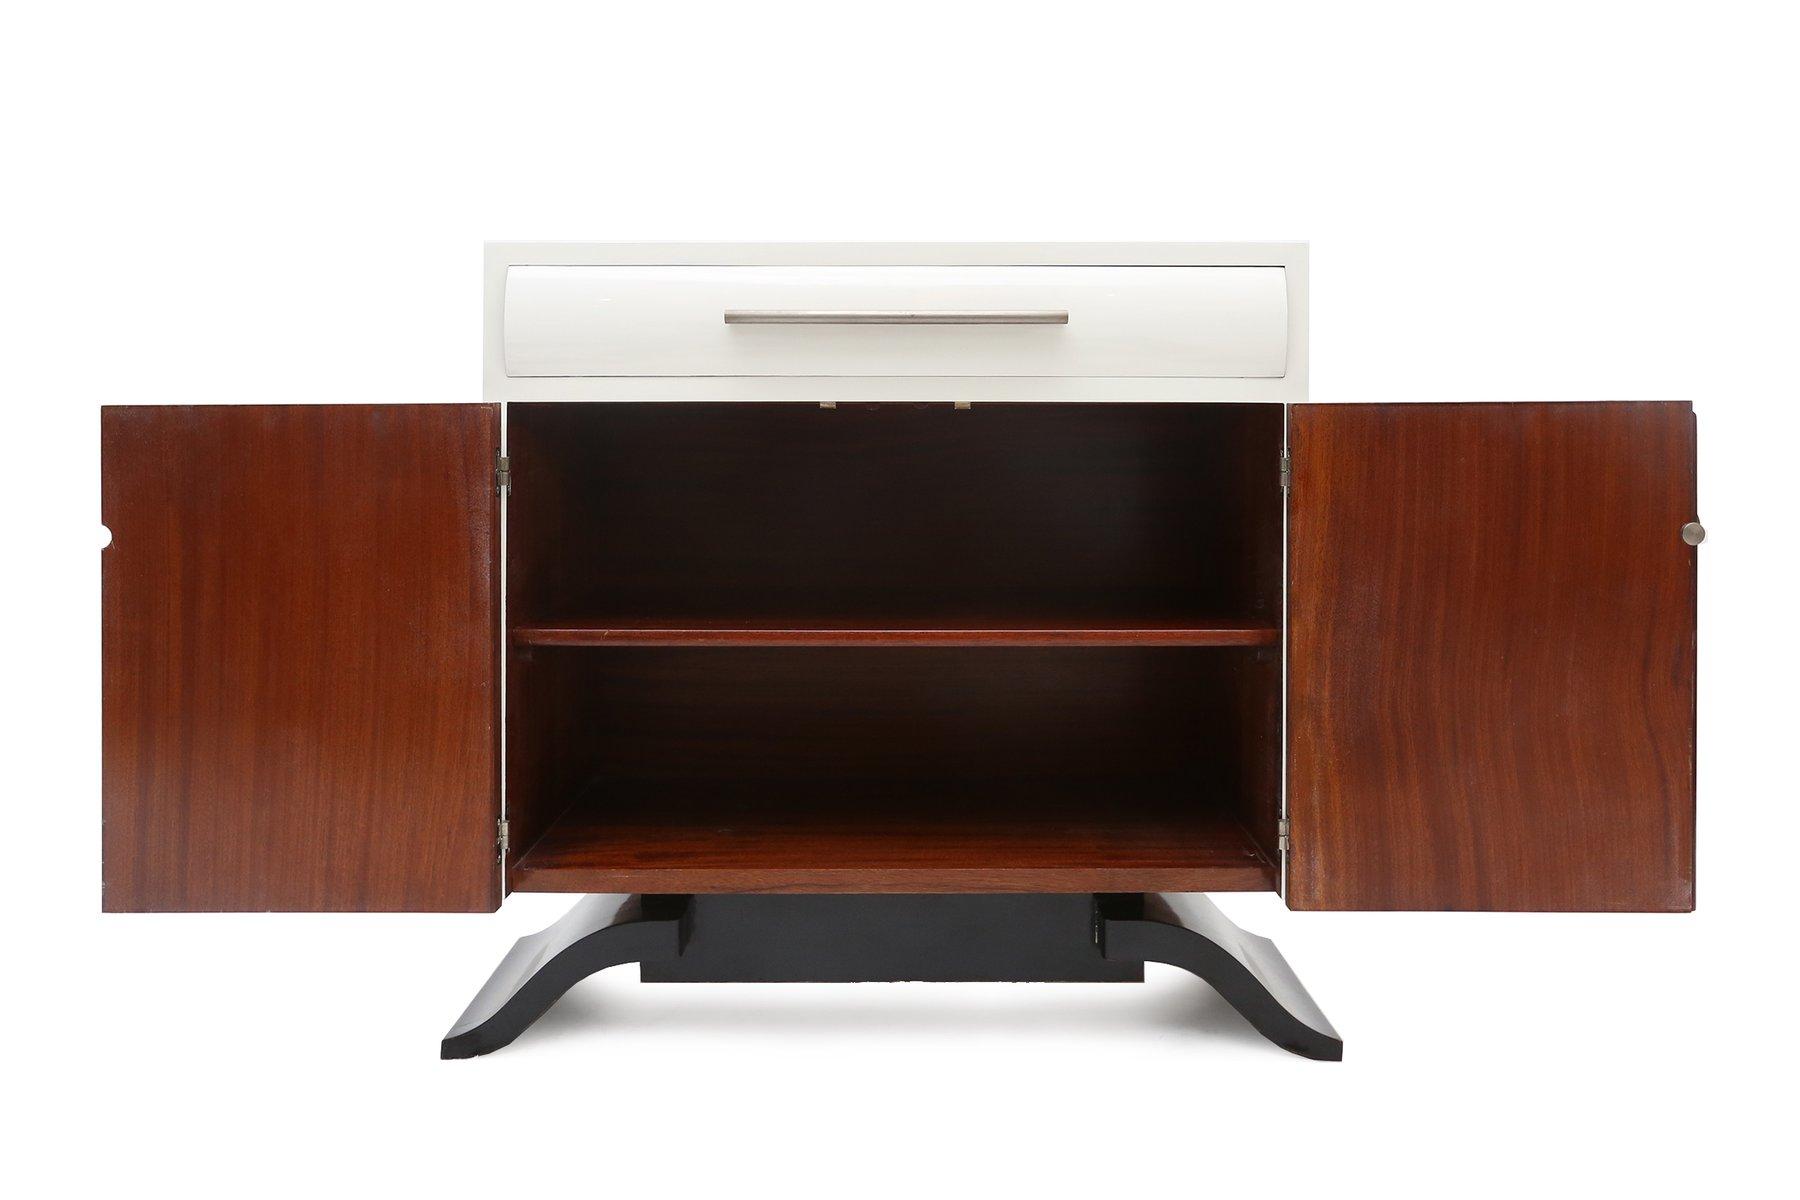 meuble de rangement art d co par charles van beerleire belgique en vente sur pamono. Black Bedroom Furniture Sets. Home Design Ideas